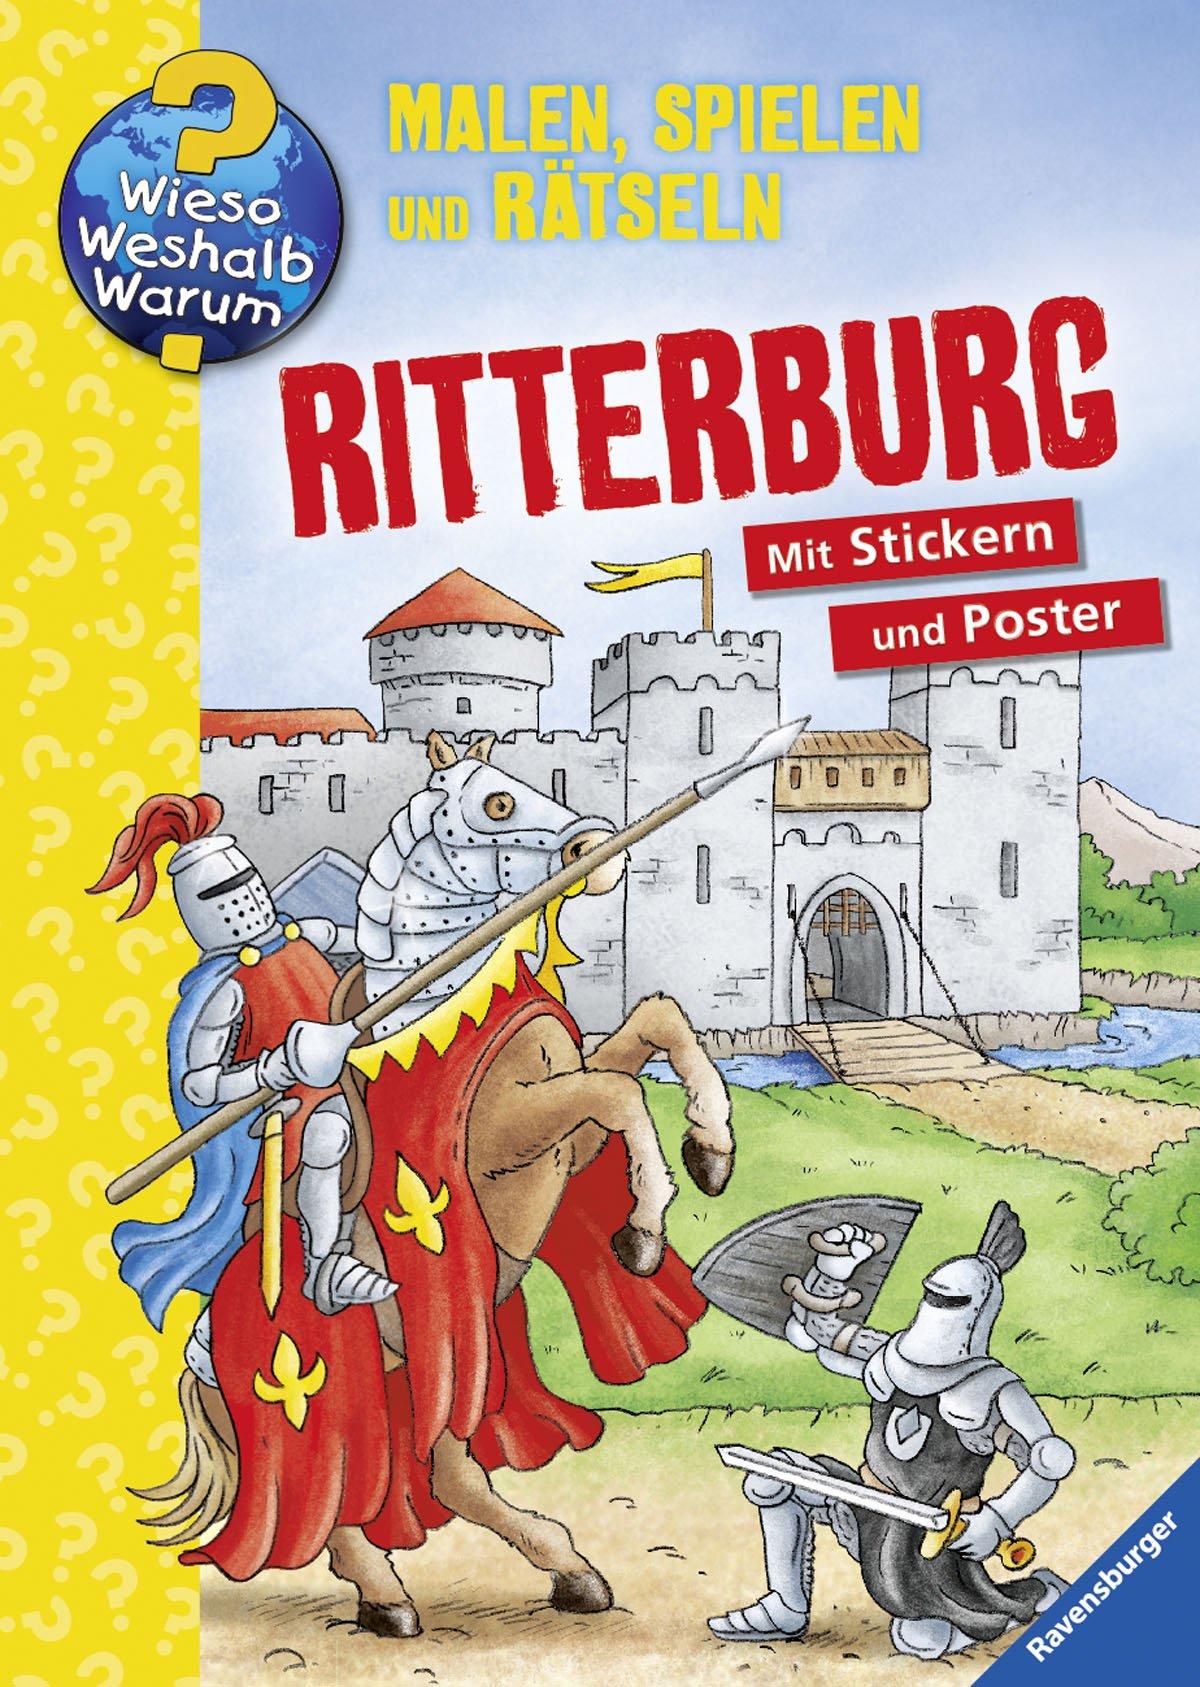 Ritterburg (Wieso? Weshalb? Warum? Malen, spielen und rätseln)